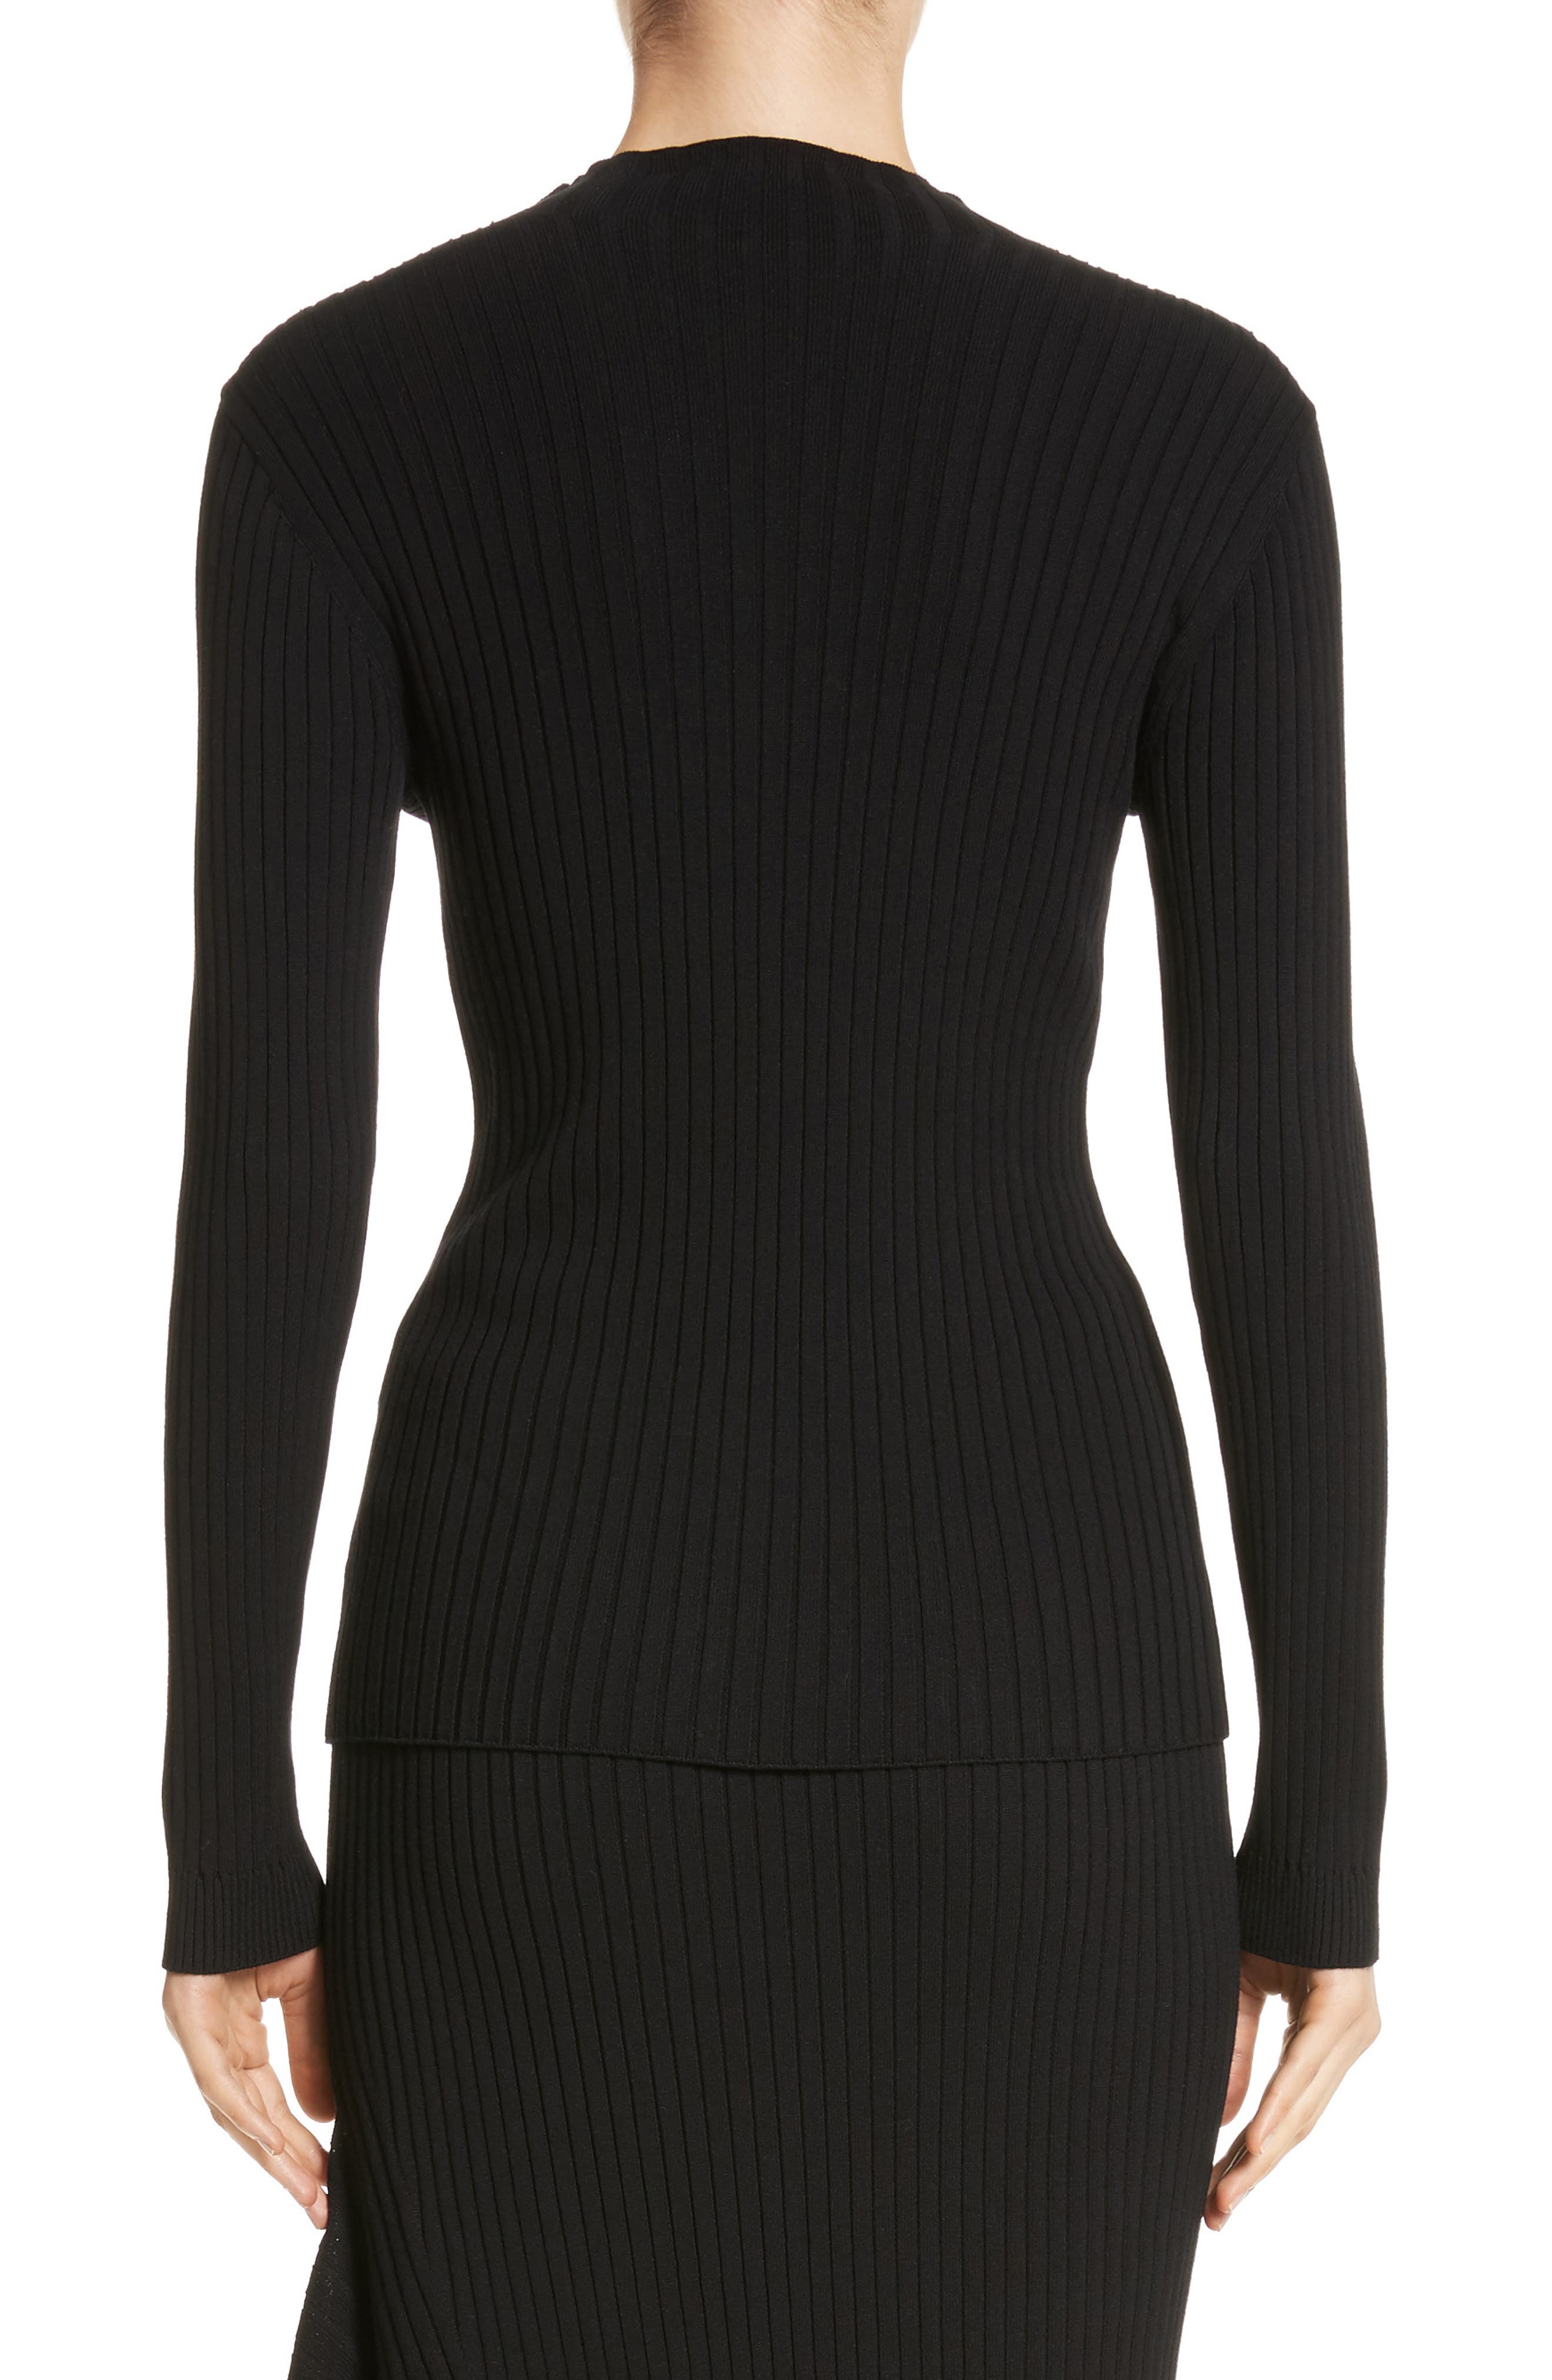 Flat Rib Knit Mock Neck Sweater,                             Alternate thumbnail 2, color,                             001